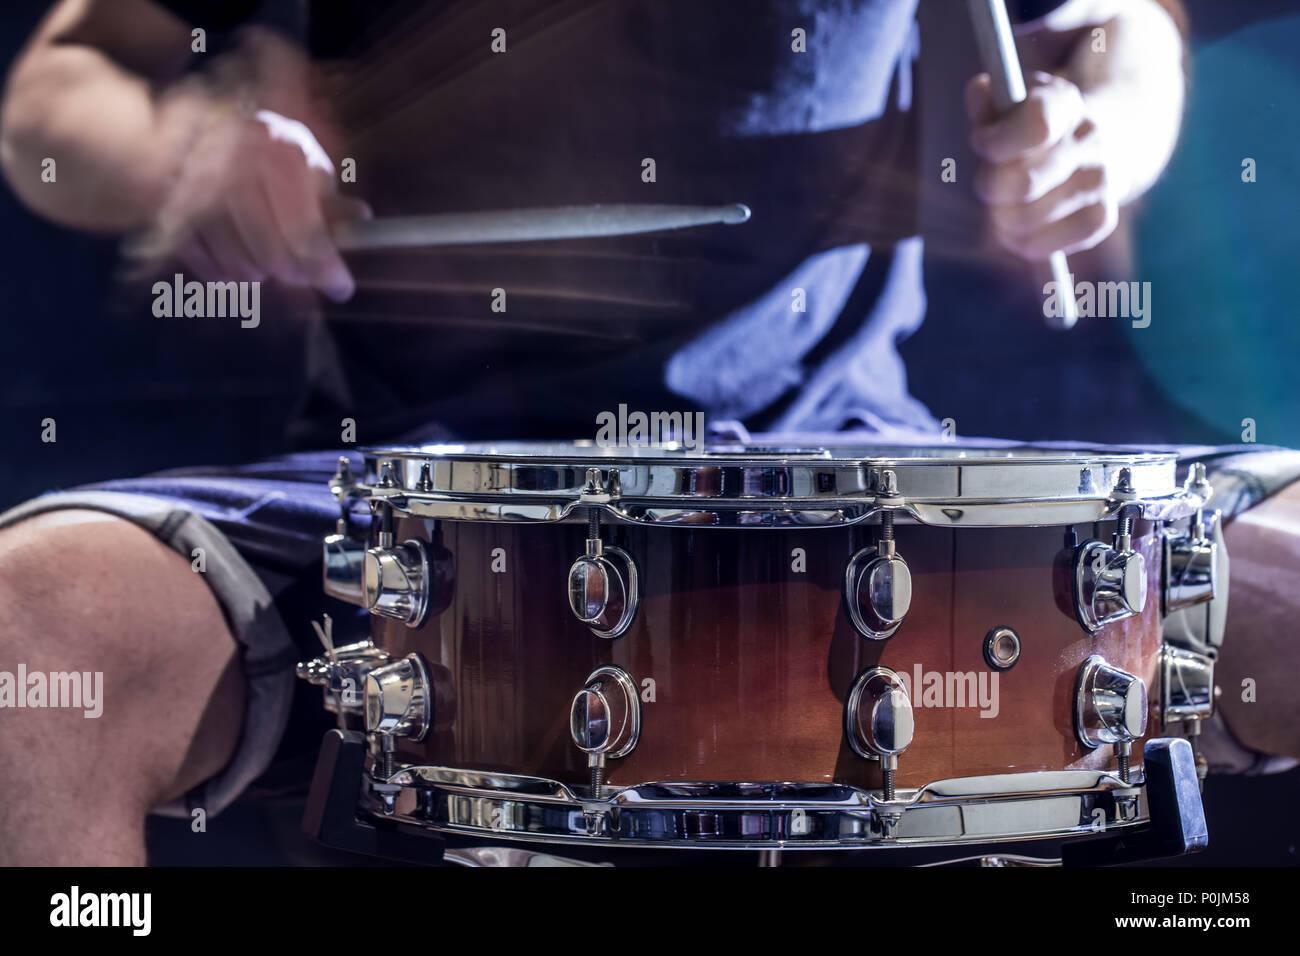 Luomo gioca musicale strumento a percussione con bastoni un